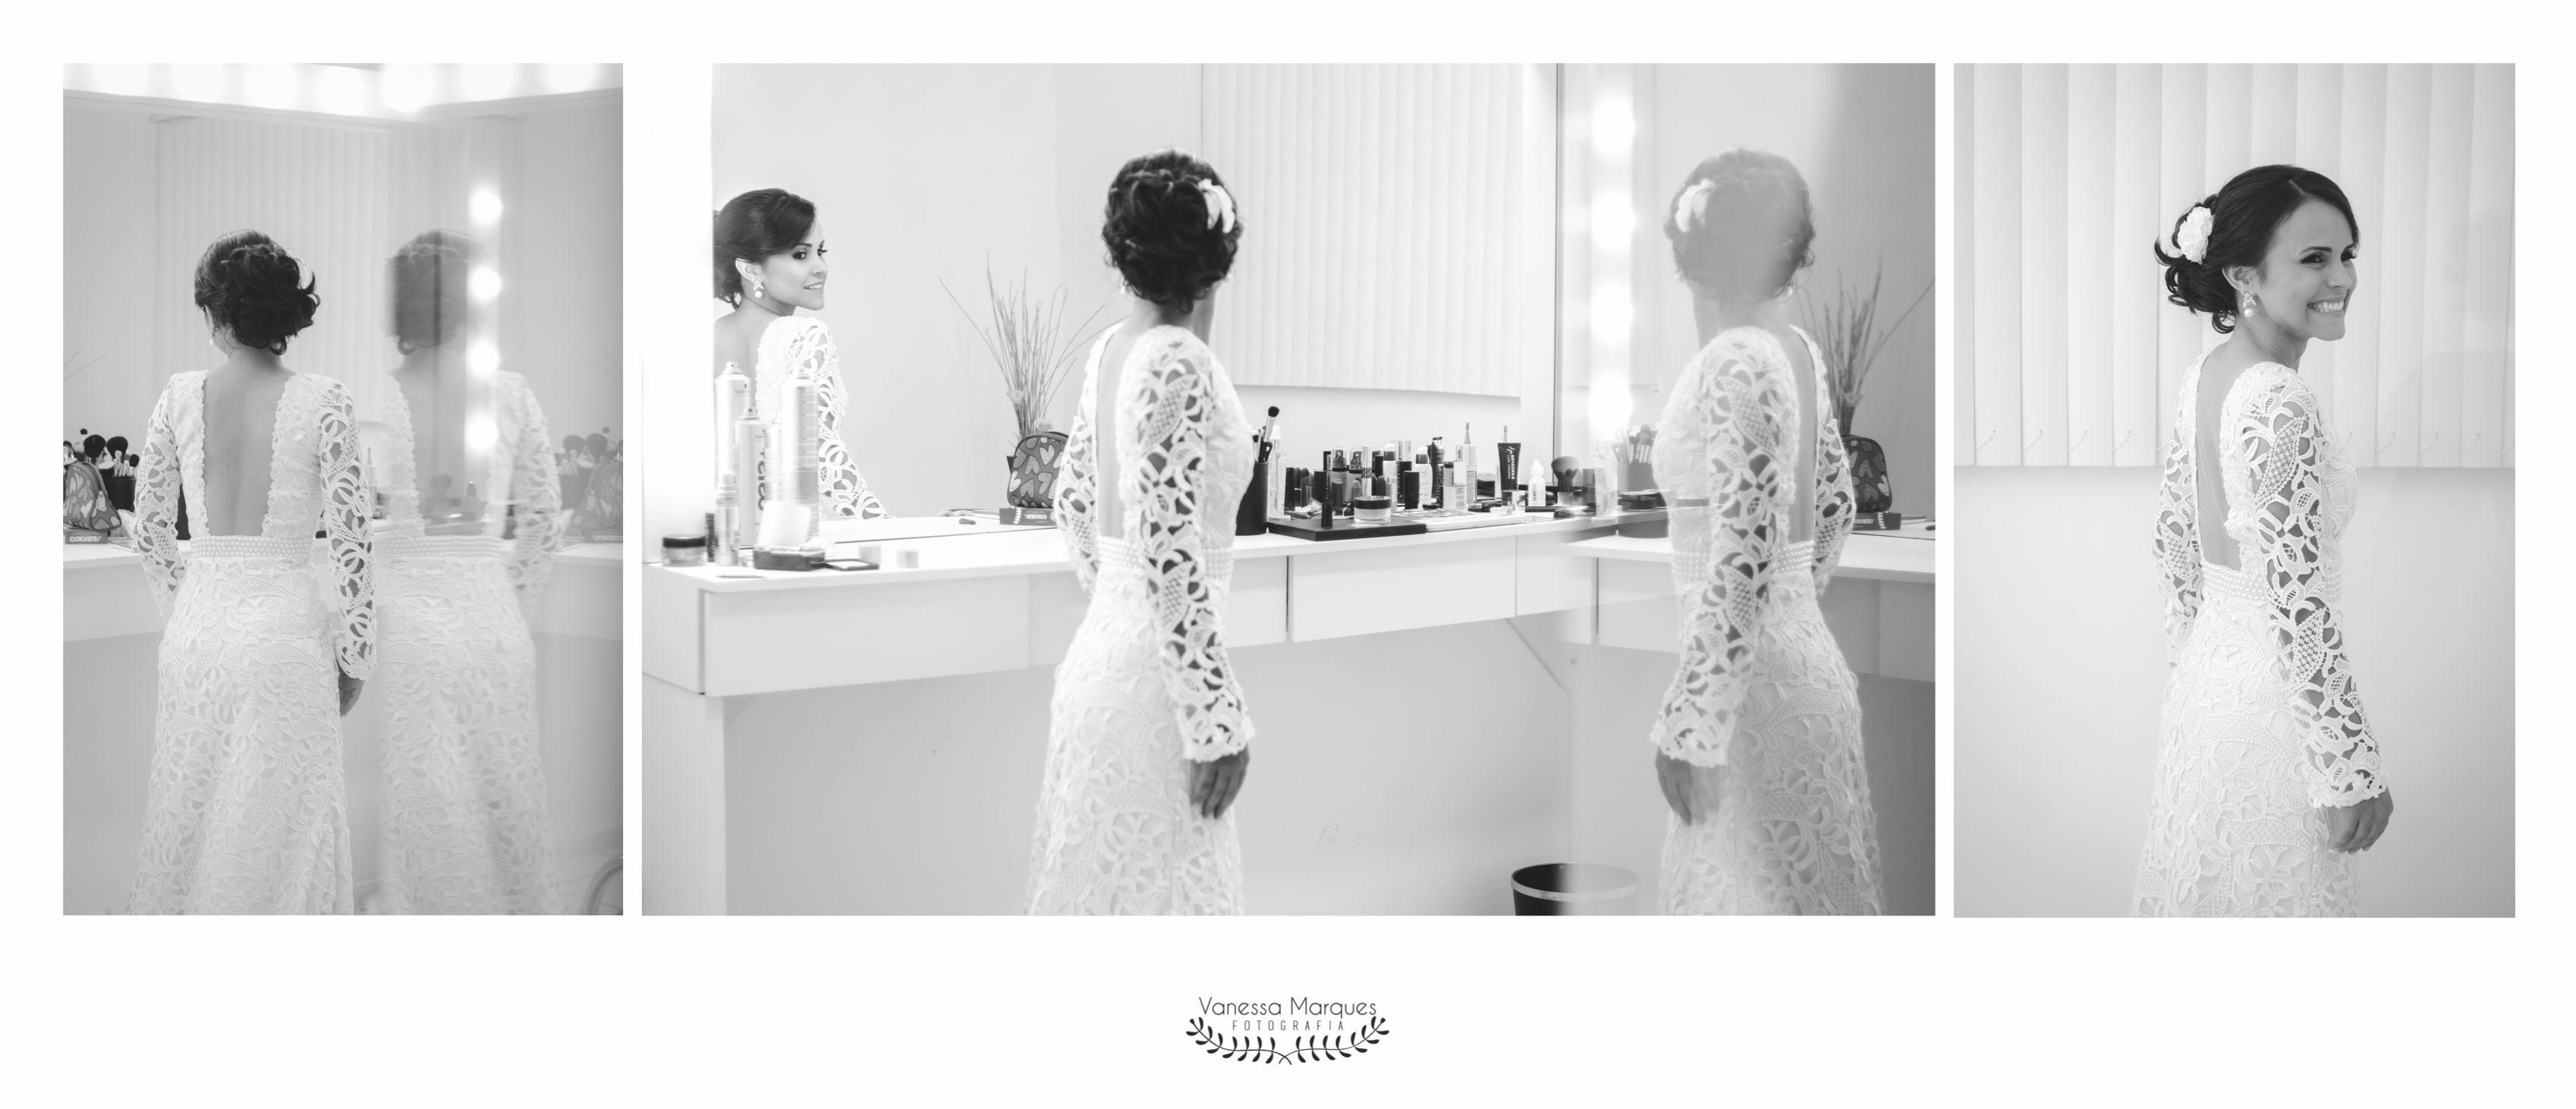 Making of da noiva. Casamento Rebeca e Rui, João pessoa-PB. #casamento #wedding #joãopessoa #paraiba #joaopessoa #casamentojoaopessoa #noivas #noivos #noivasjoaopessoa #makingofnoiva #vmfoto #vmfotografia #vanessamarquesfoto